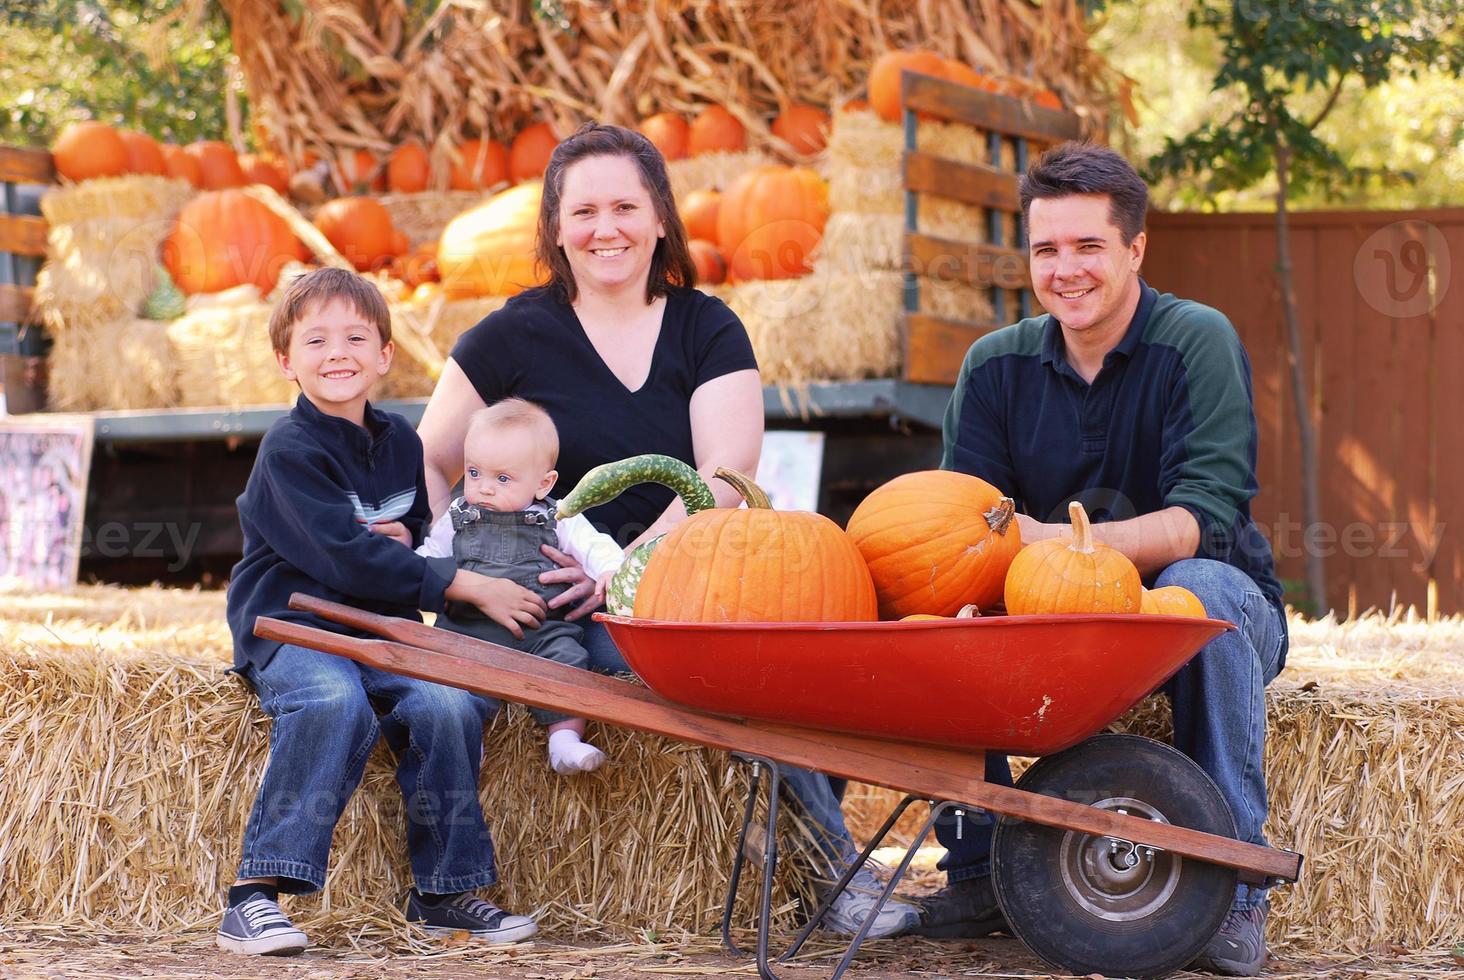 família sentada no palheiro com abóboras foto